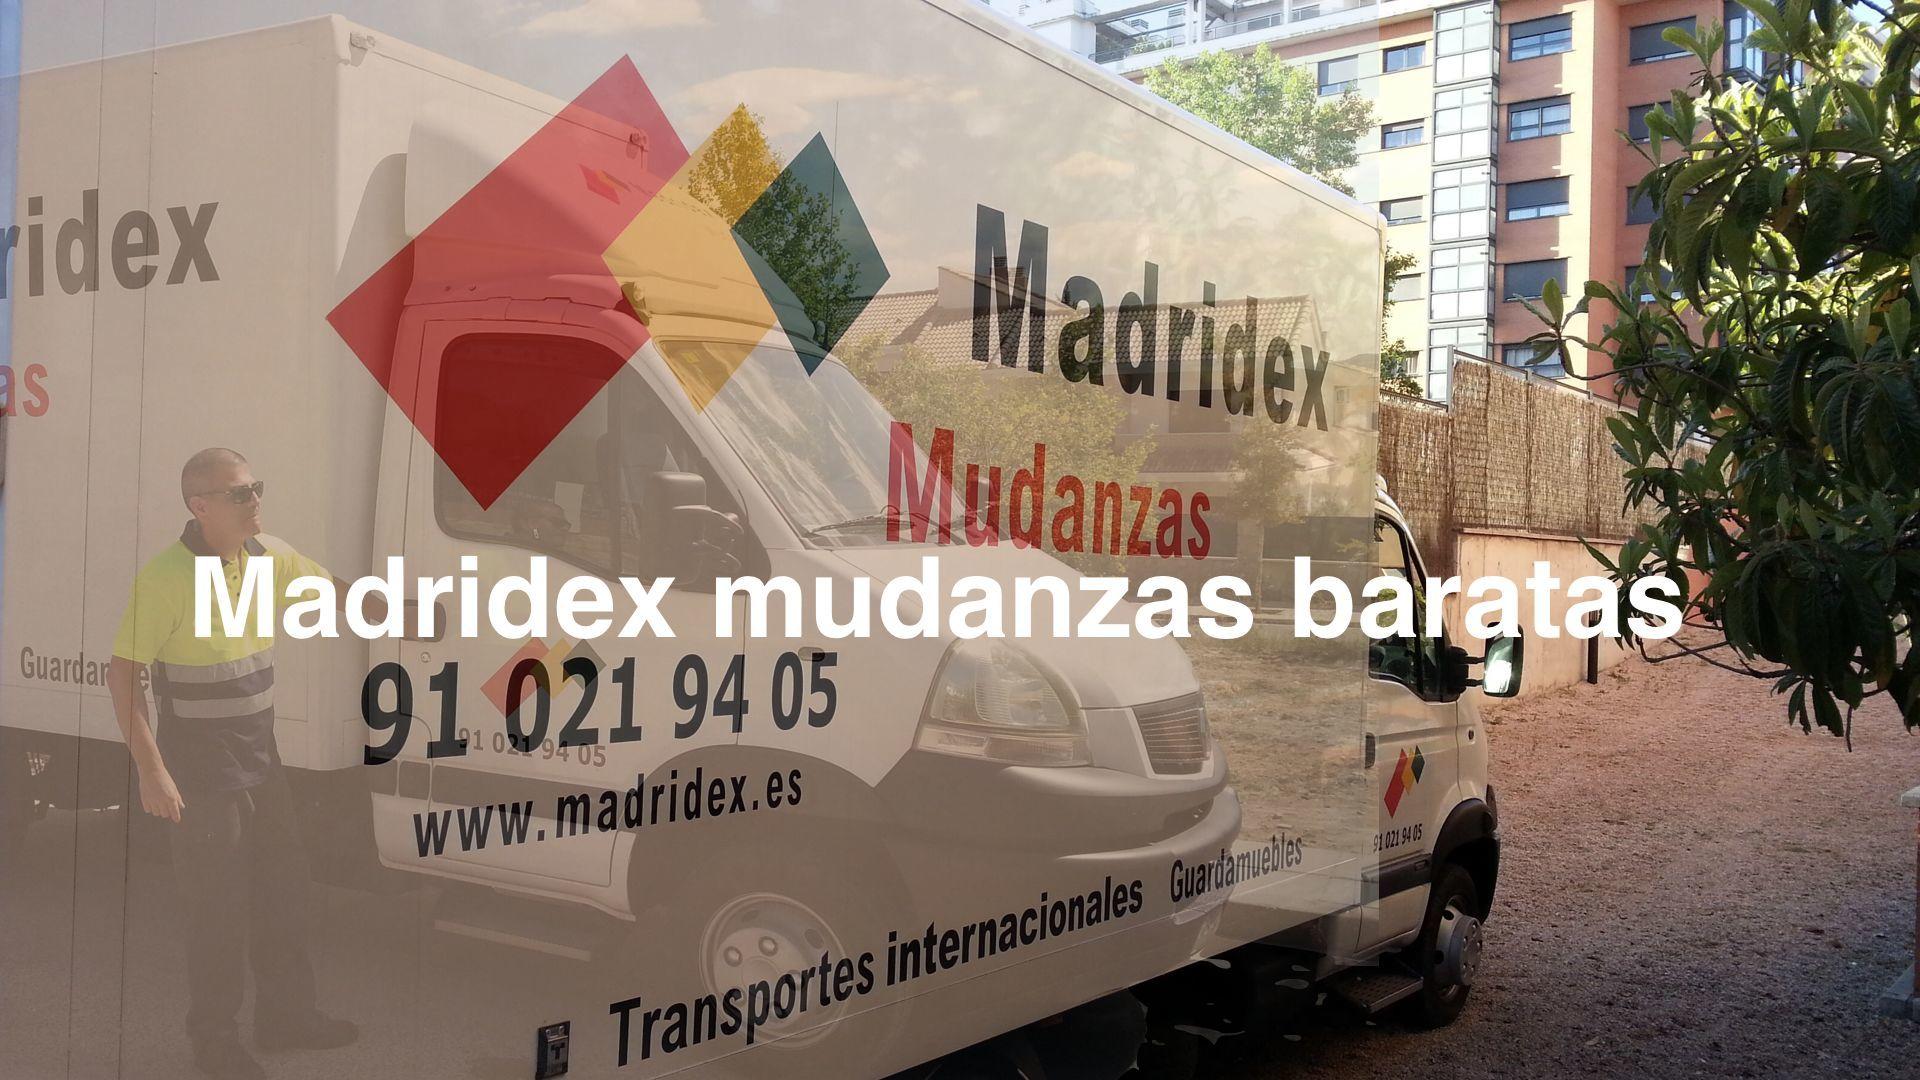 Mudanzas baratas en Madrid con la máxima calidad